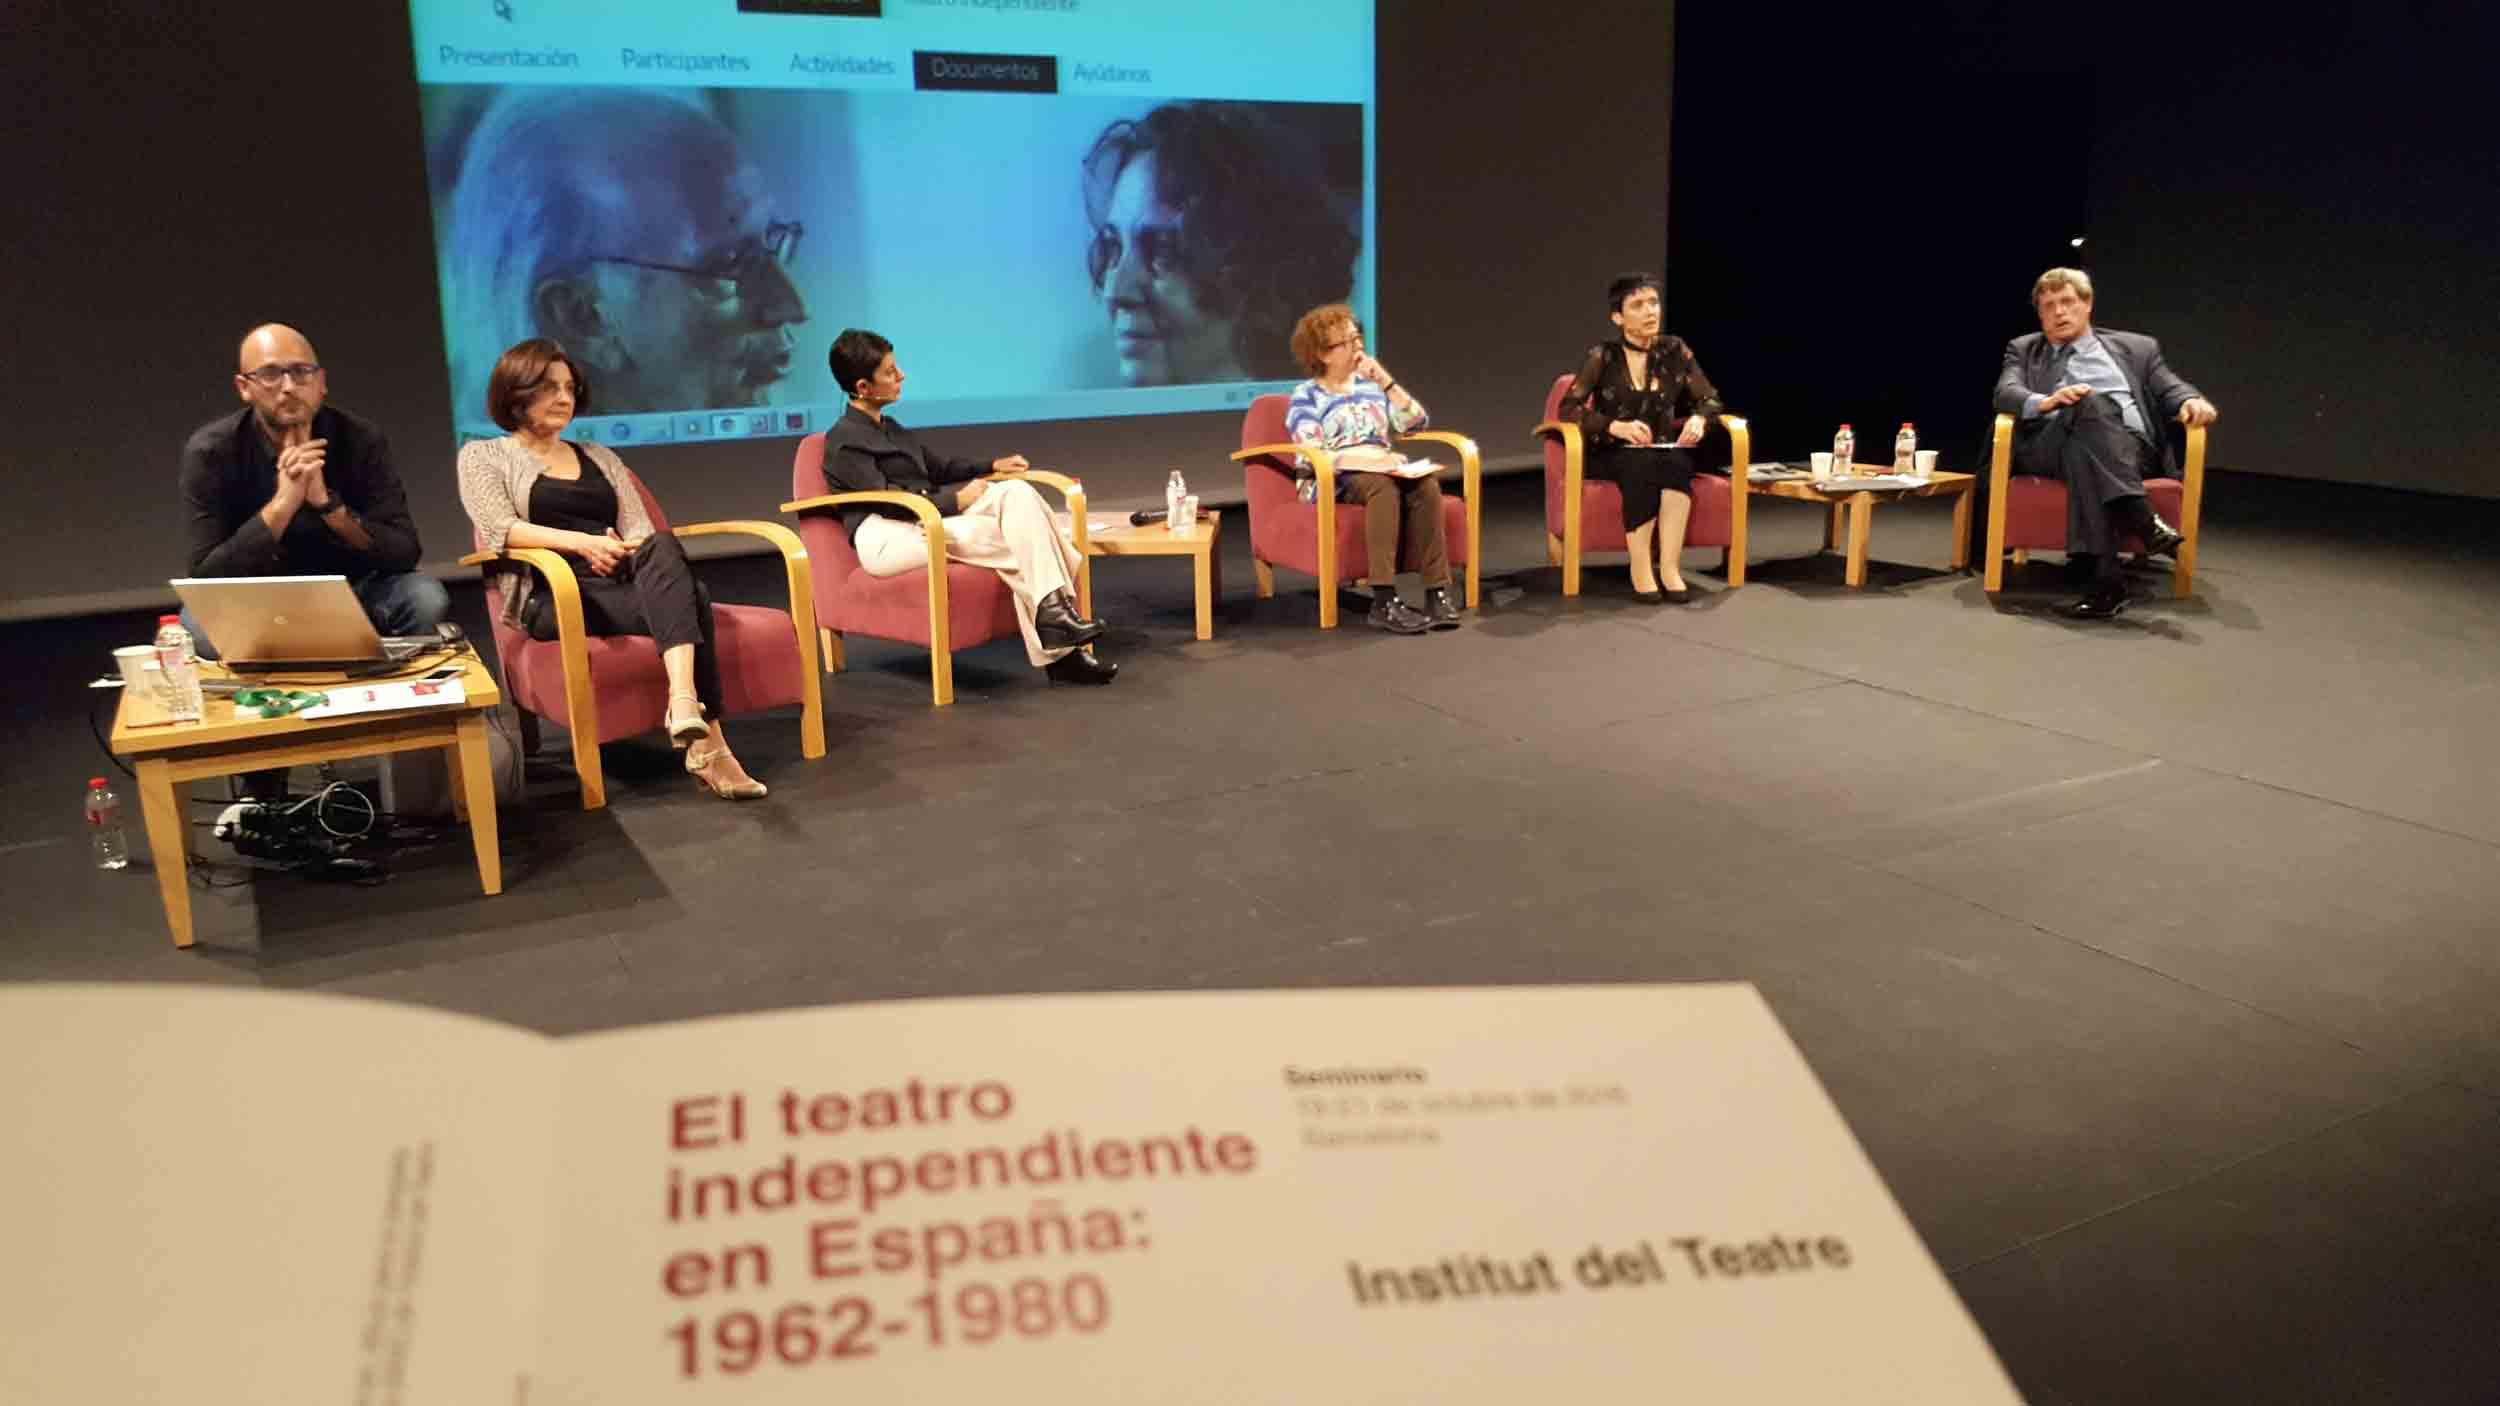 Taula rodona de centres de documentació del seminari El teatre independent a Espanya. Teatre Estudi de l'Institut del Teatre, 19 octubre 2016